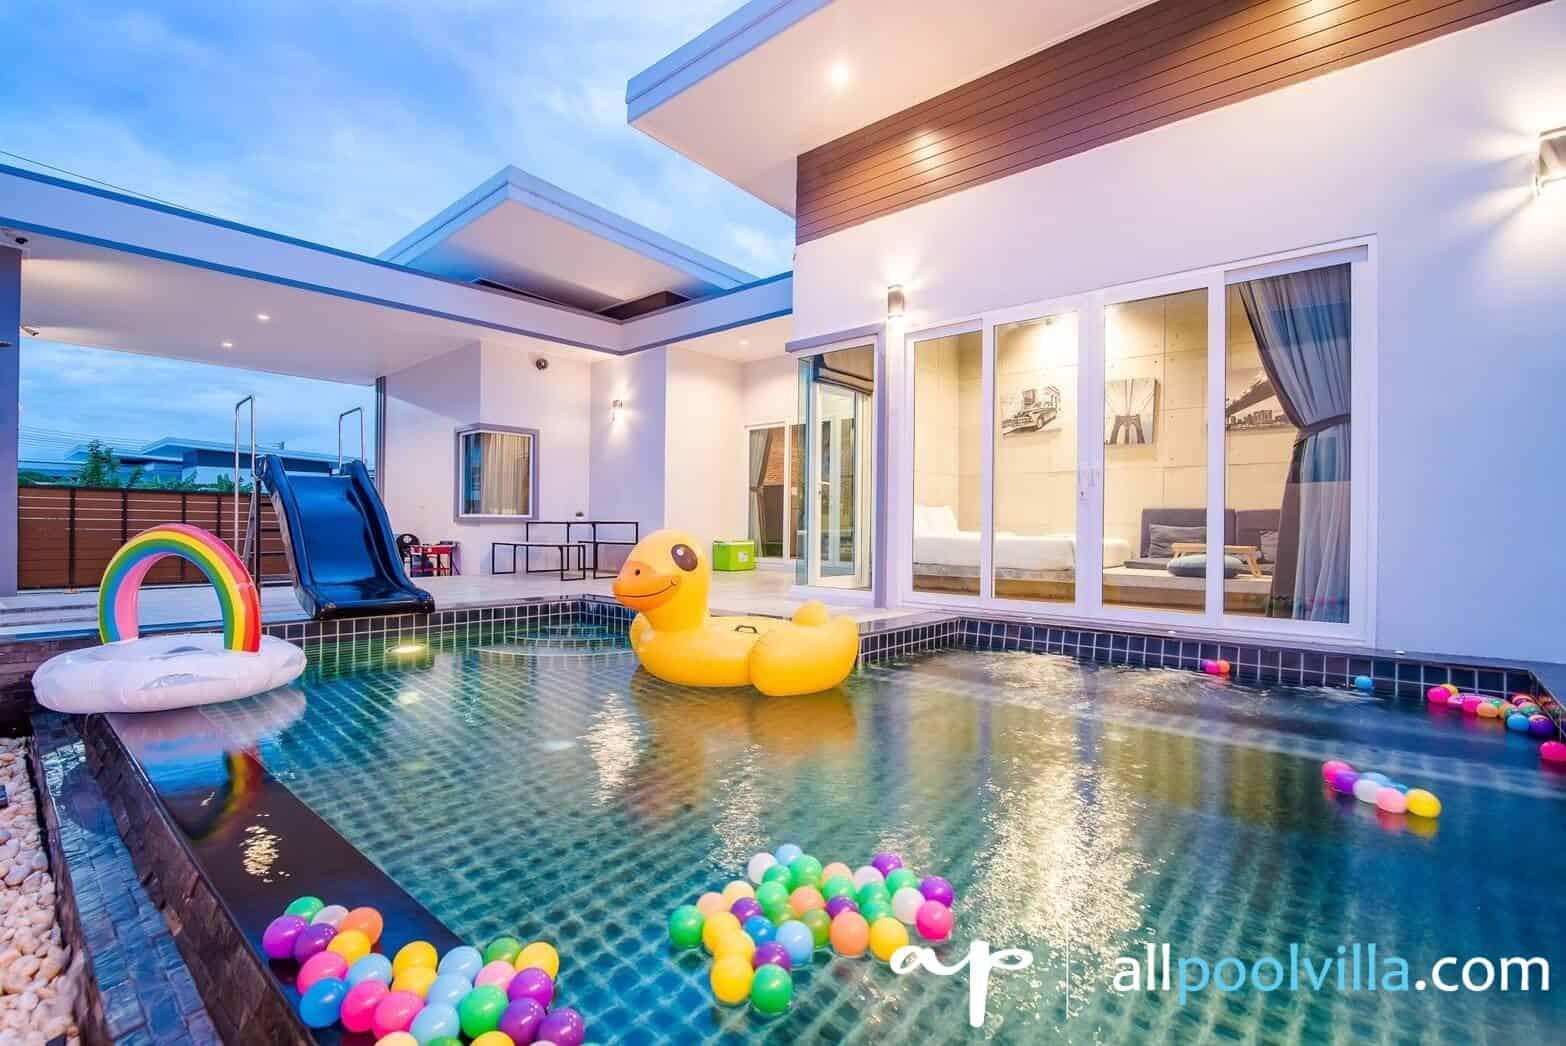 บรรยากาศบ้านพัก Garden Loft 25 Pool Villa หัวหิน-1